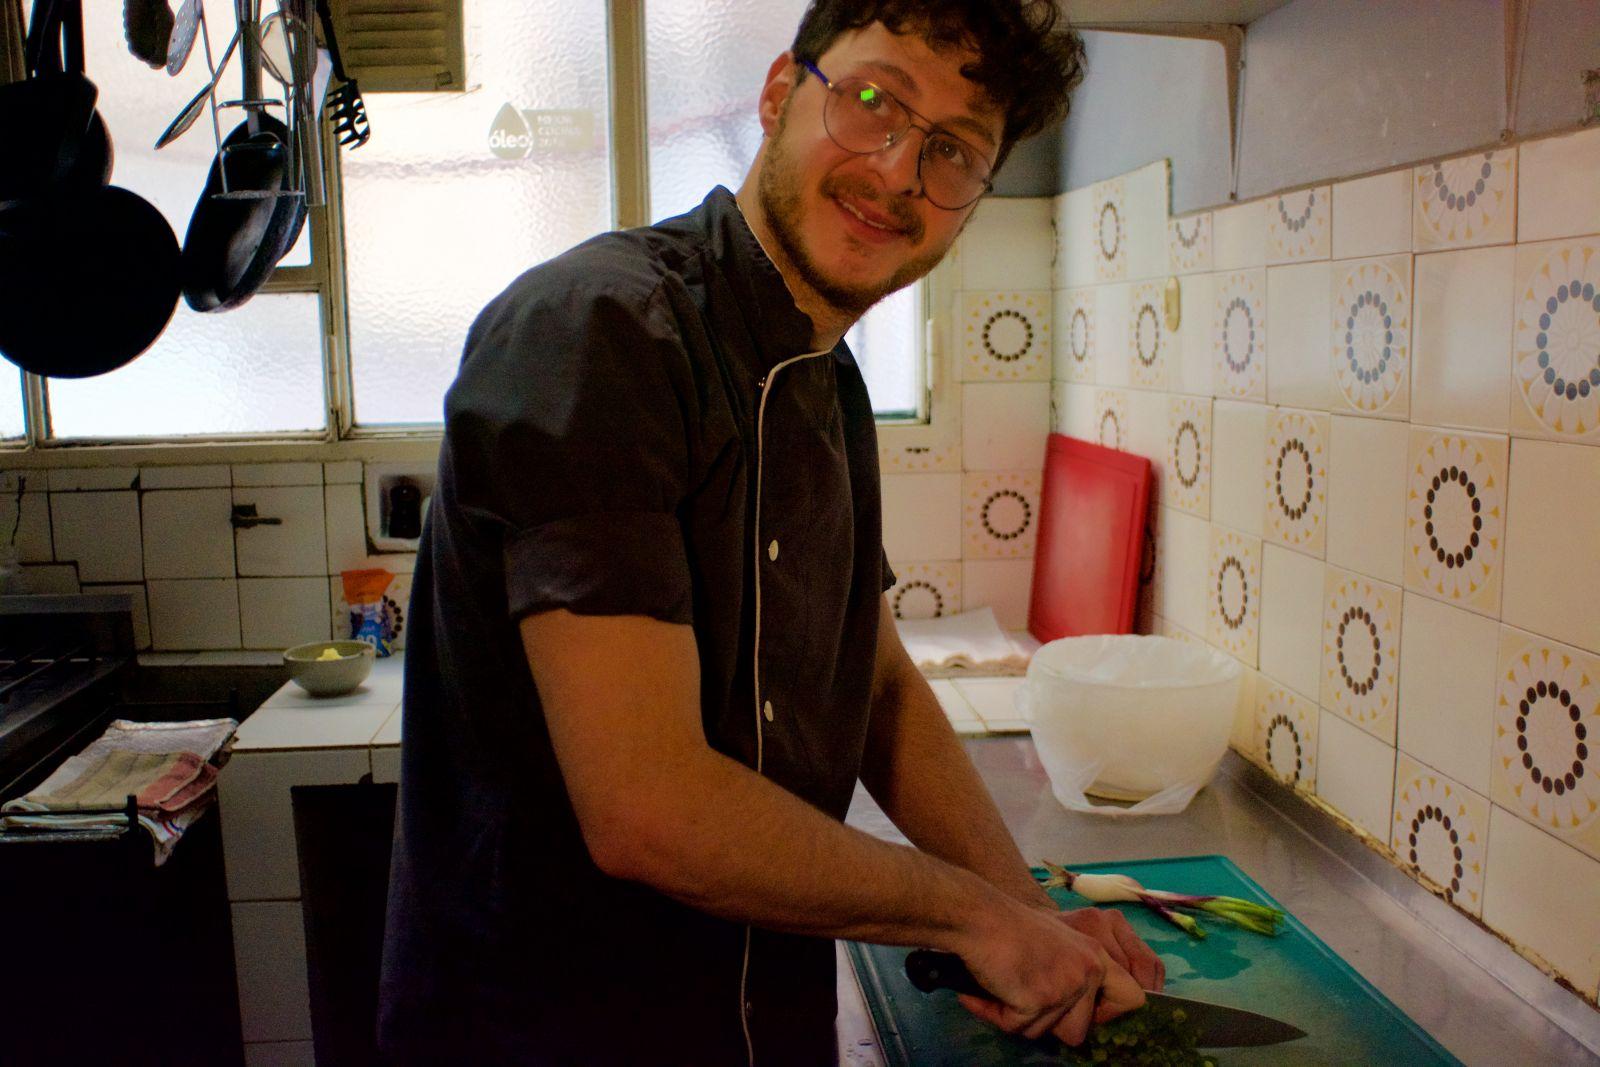 pablo-barman-chef-paladar-buenos-aires